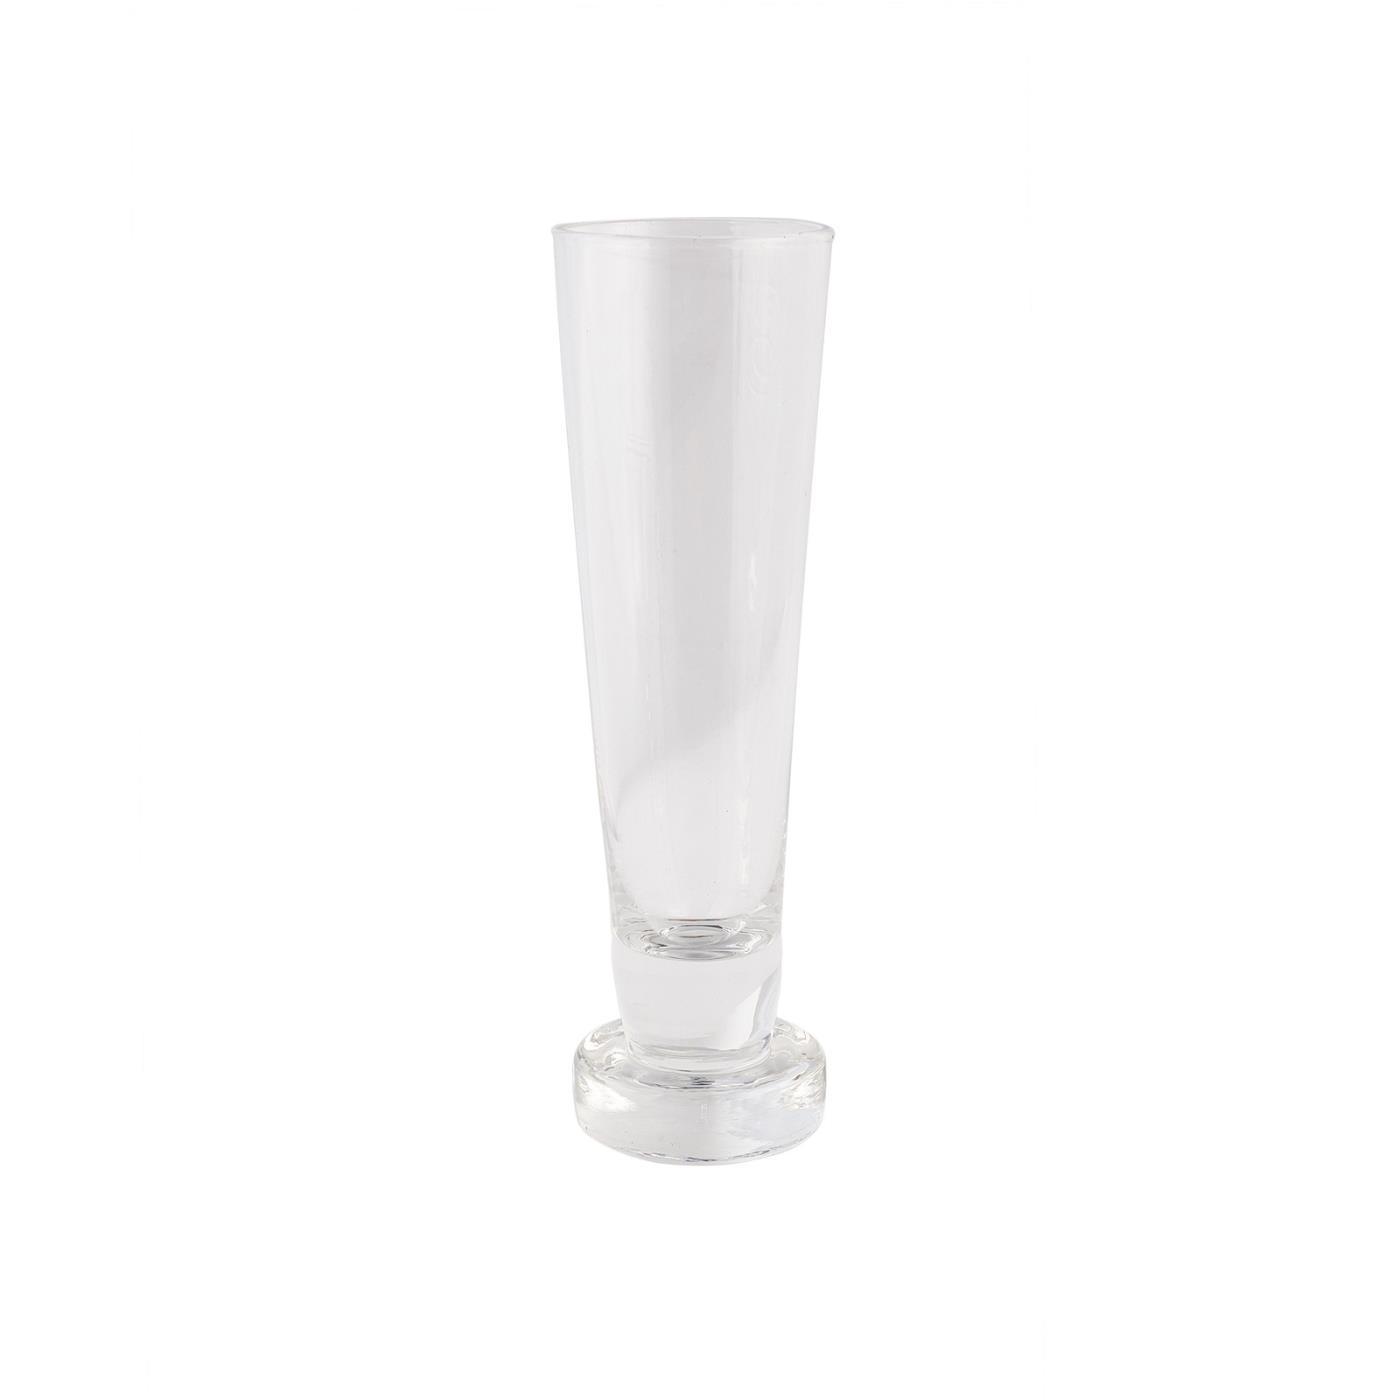 Tini Vodka Glass